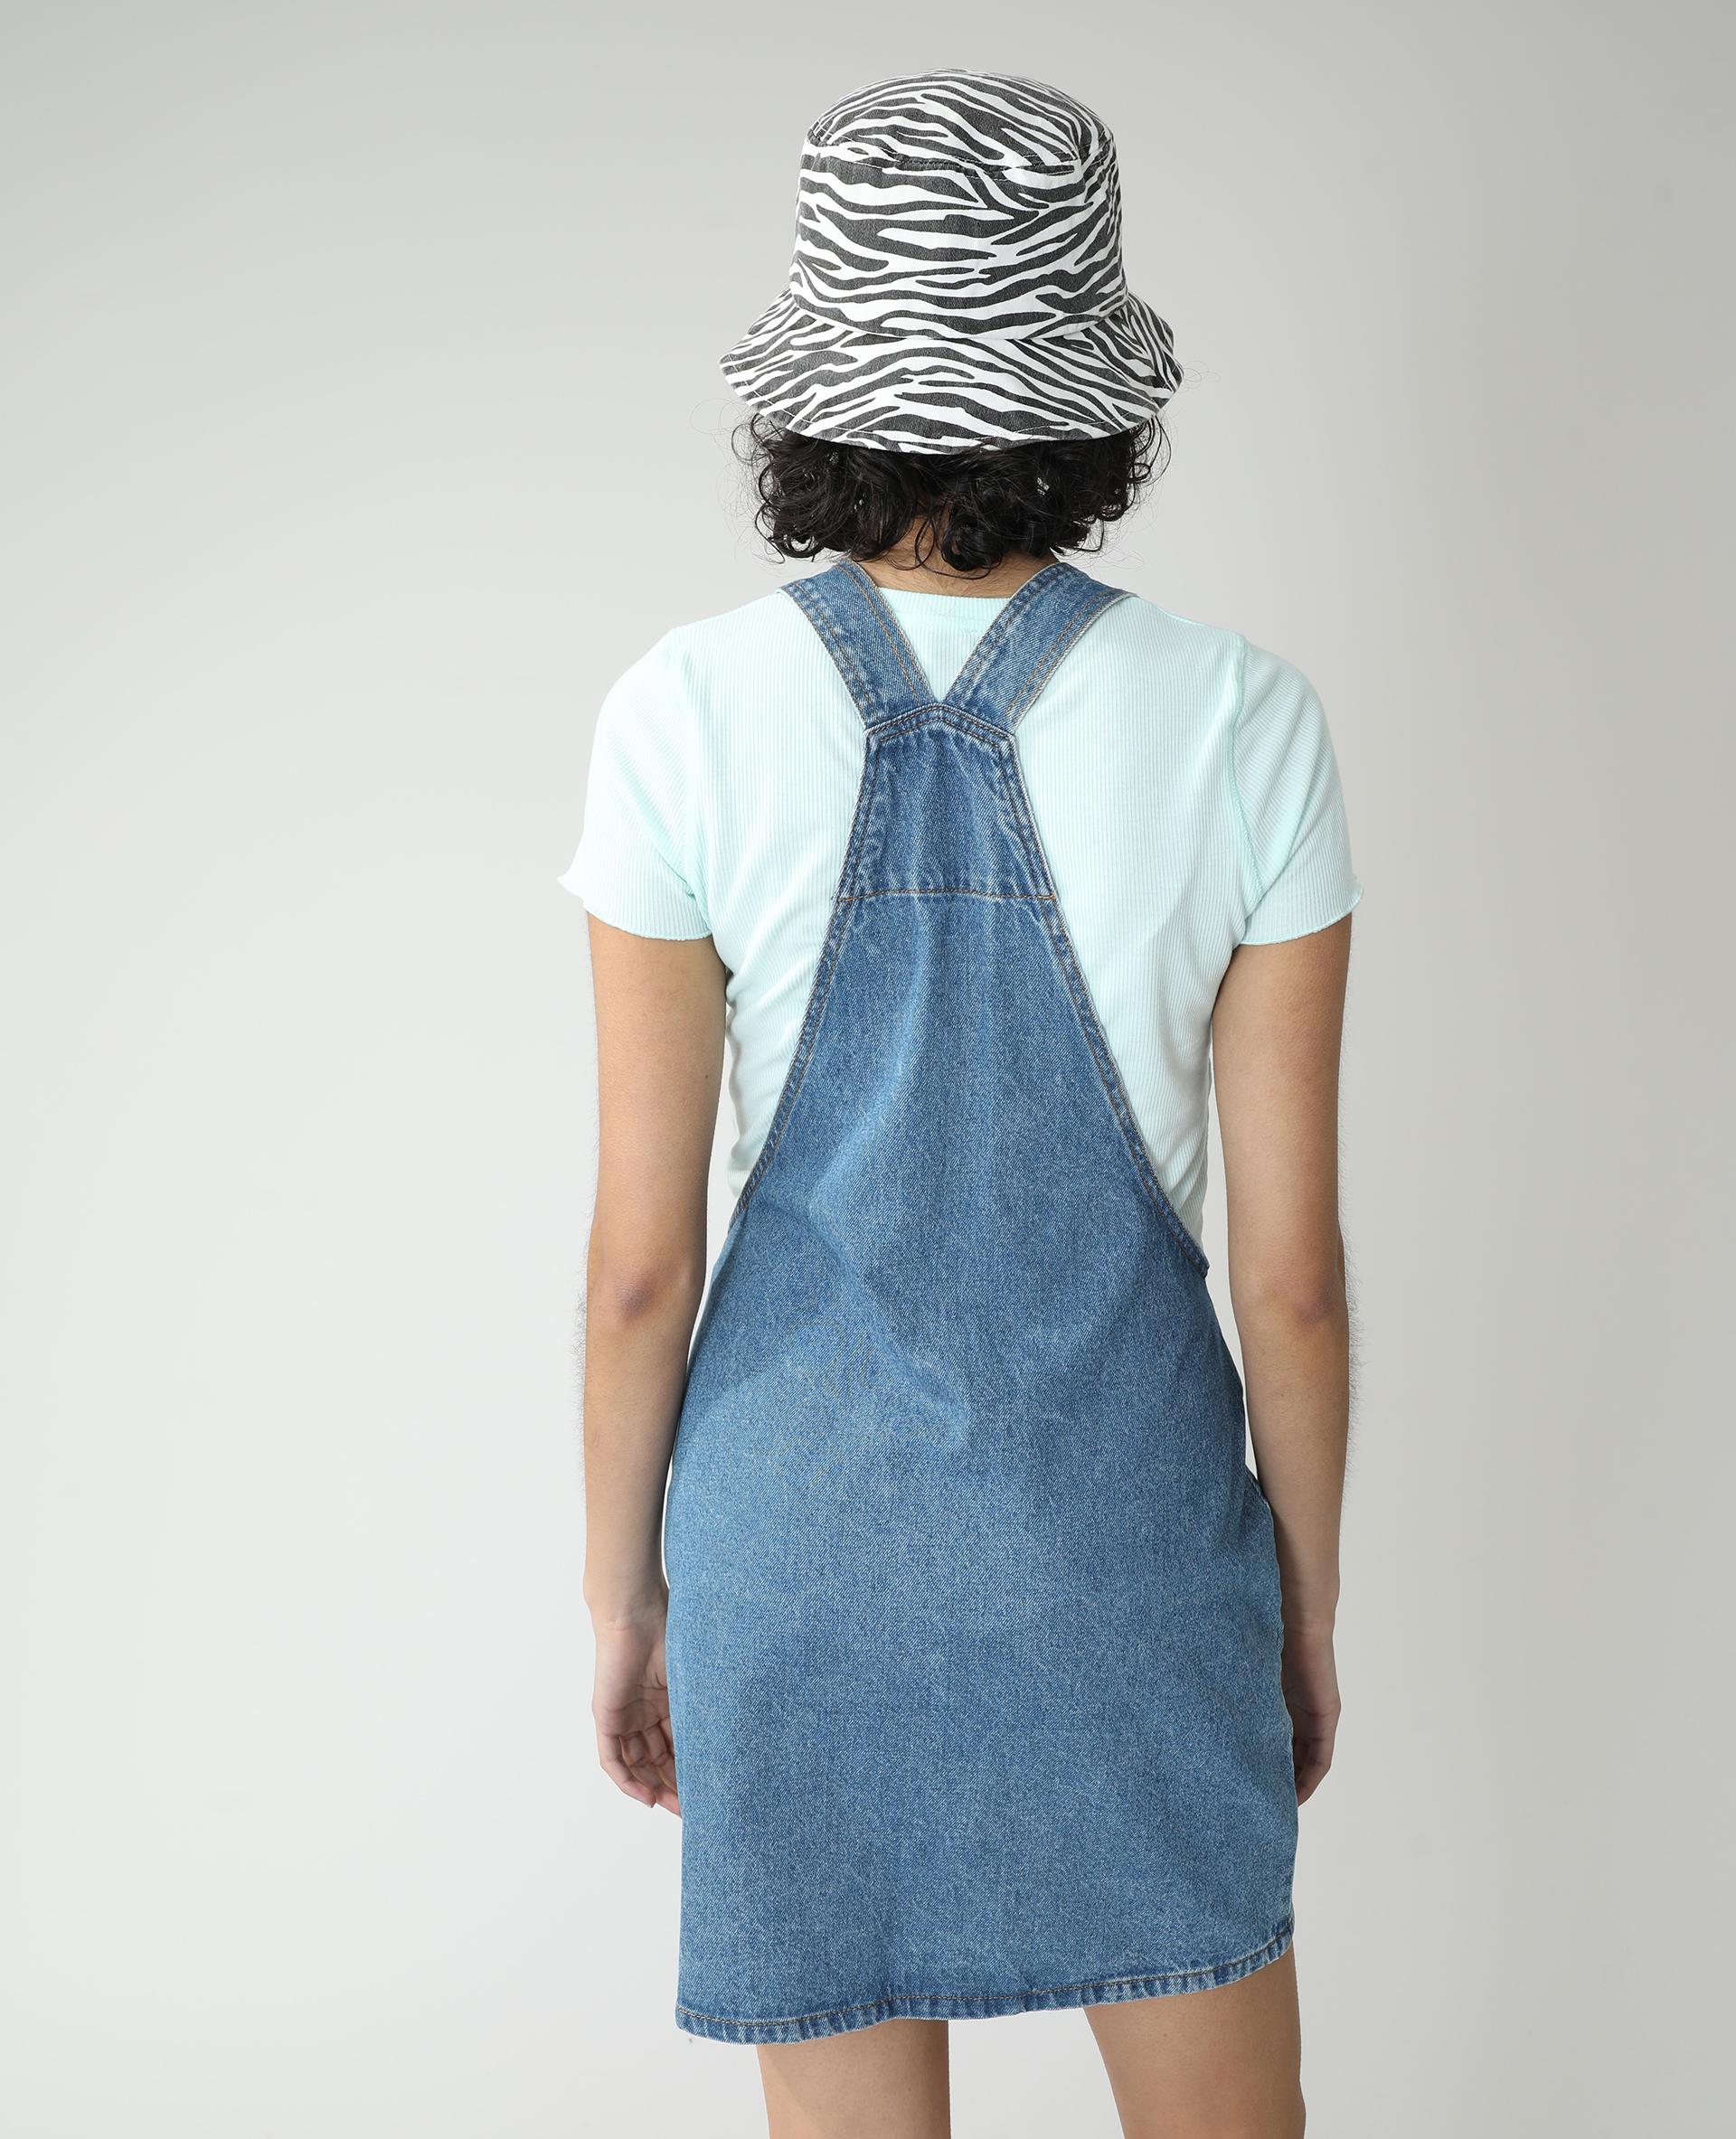 Robe salopette en jean bleu denim - Pimkie